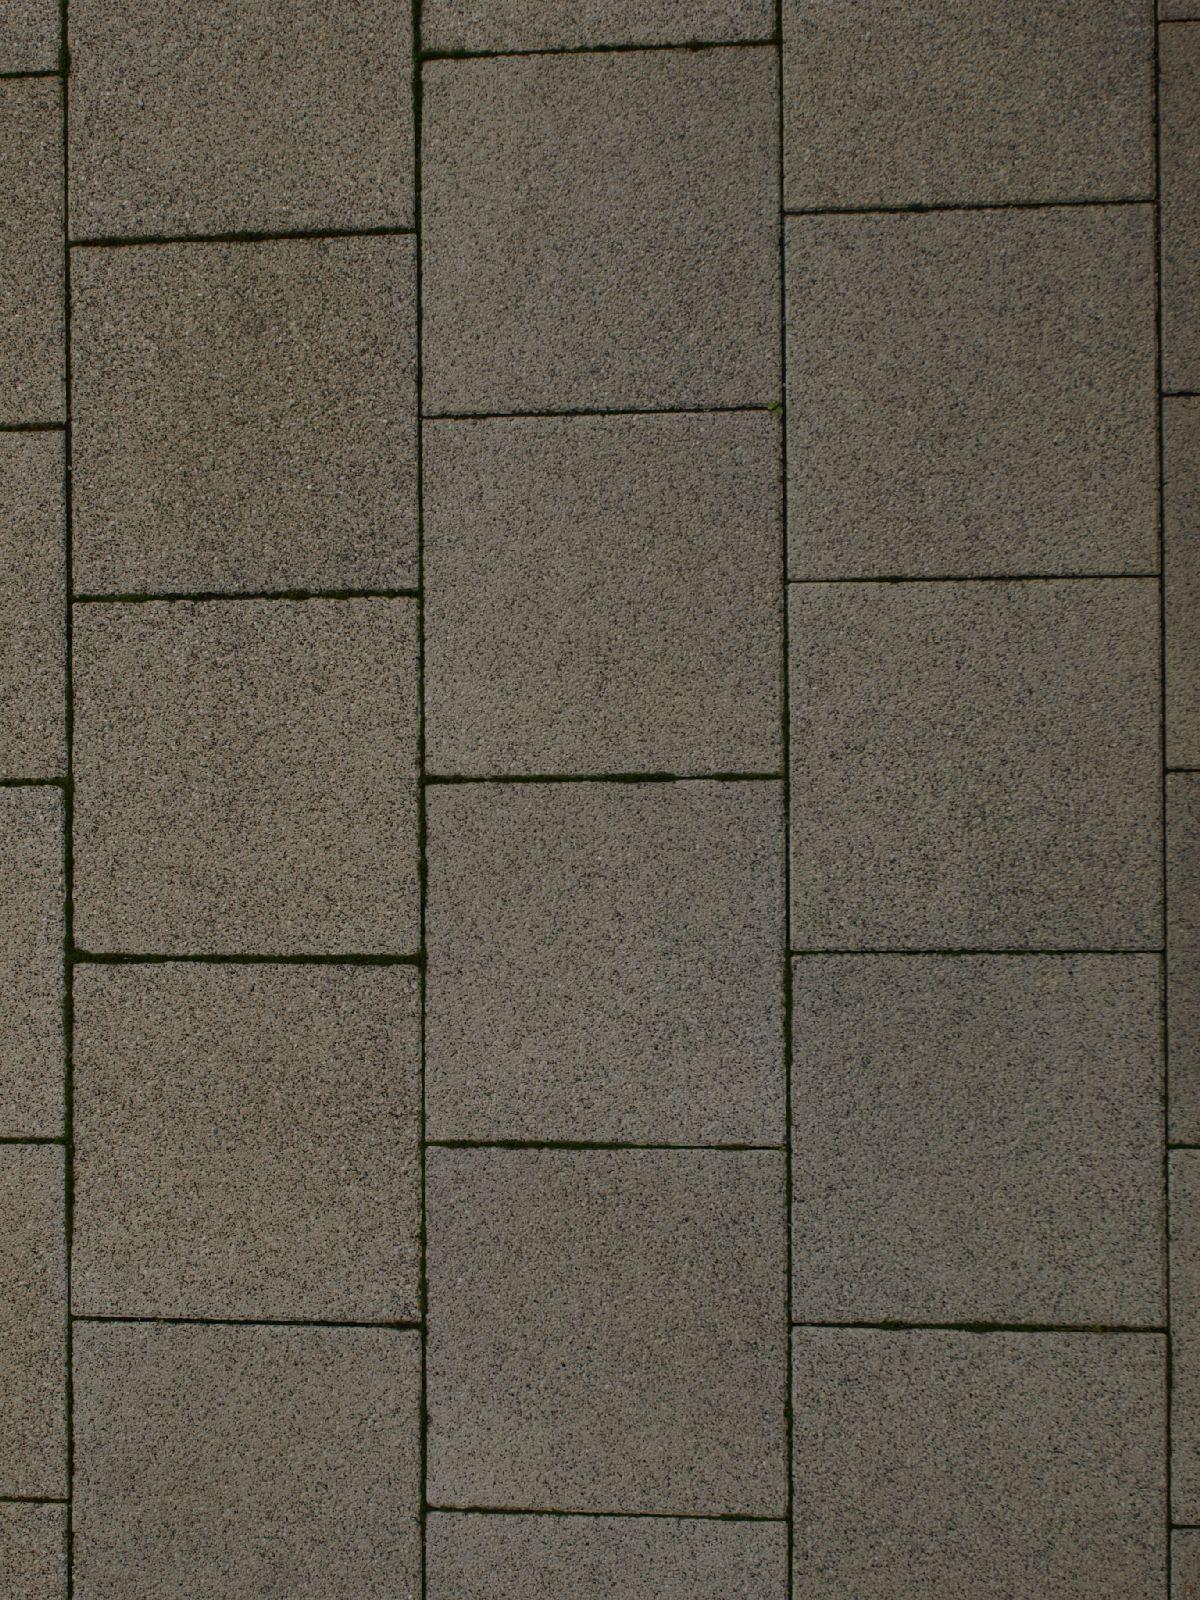 Boden-Gehweg-Strasse-Buergersteig-Textur_A_PC011373